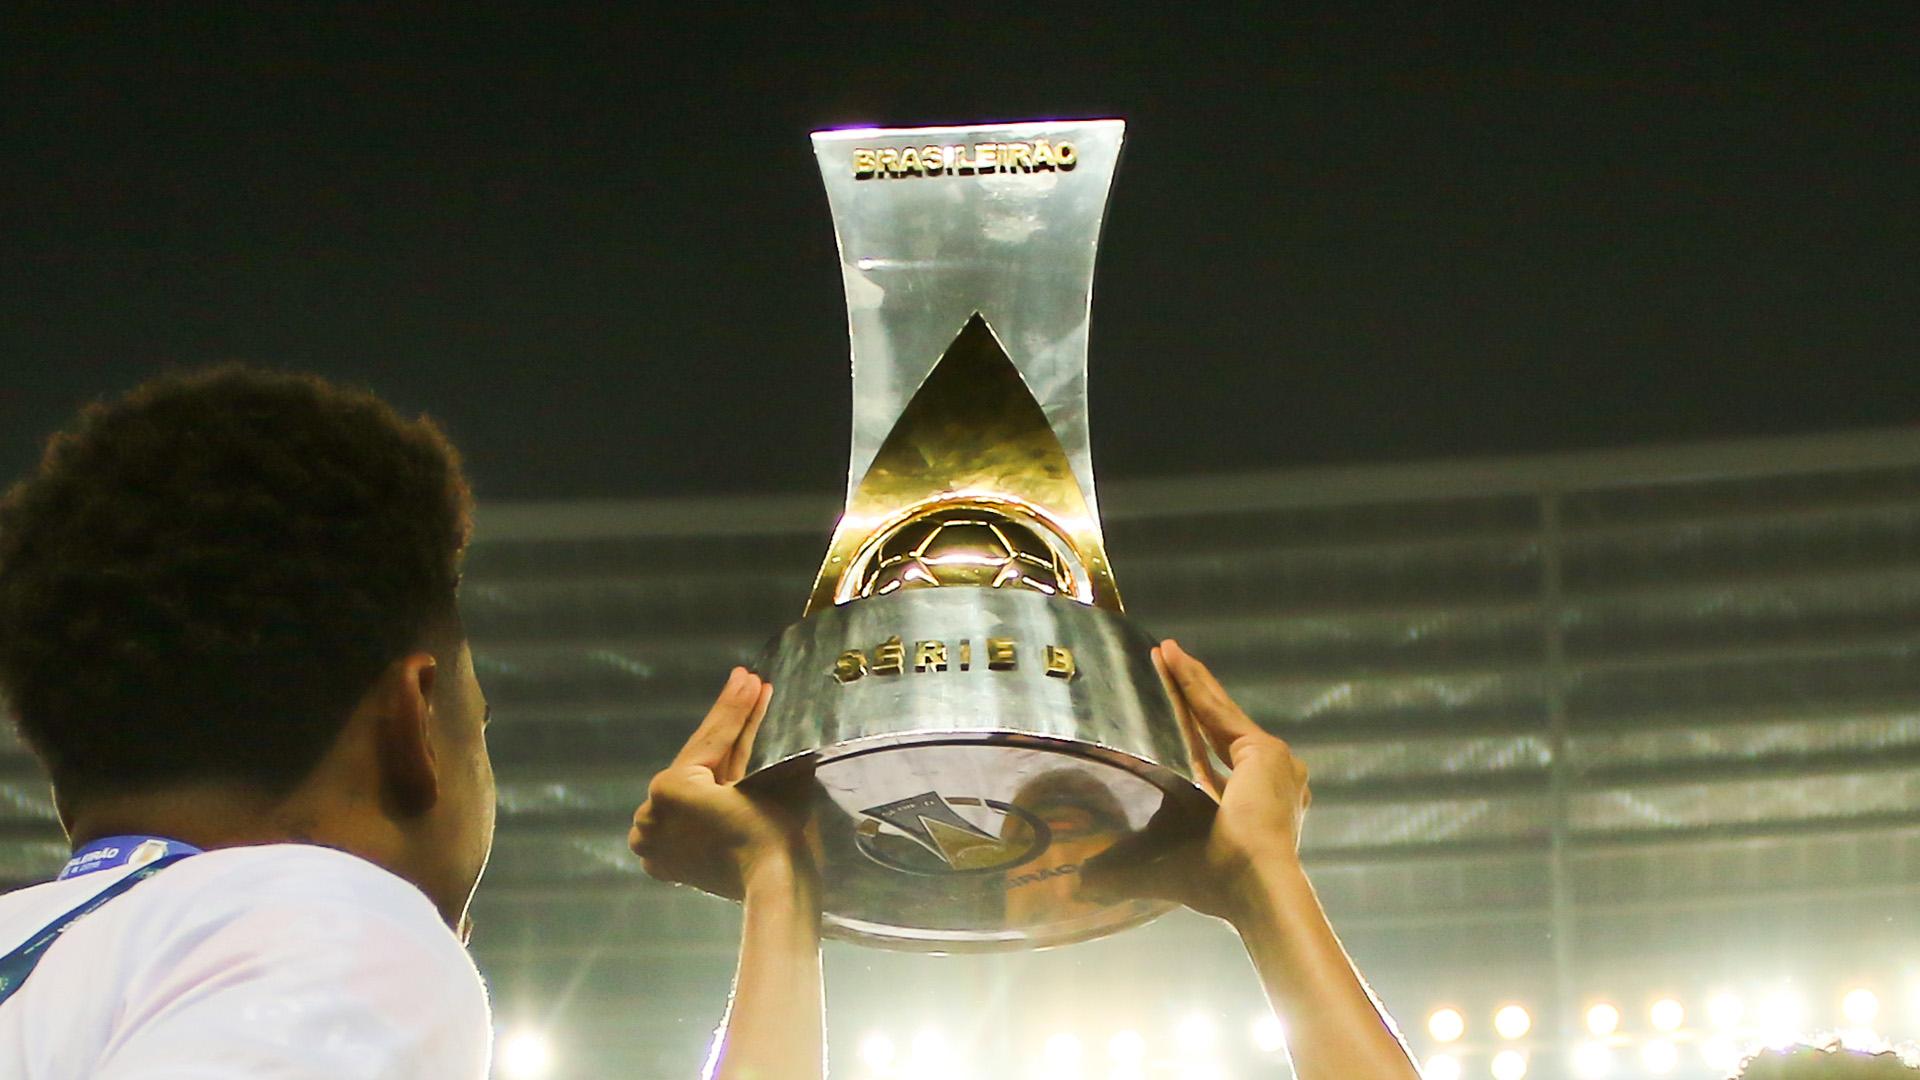 Quando Comeca E Termina A Serie B Do Brasileiro 2020 2021 Goal Com